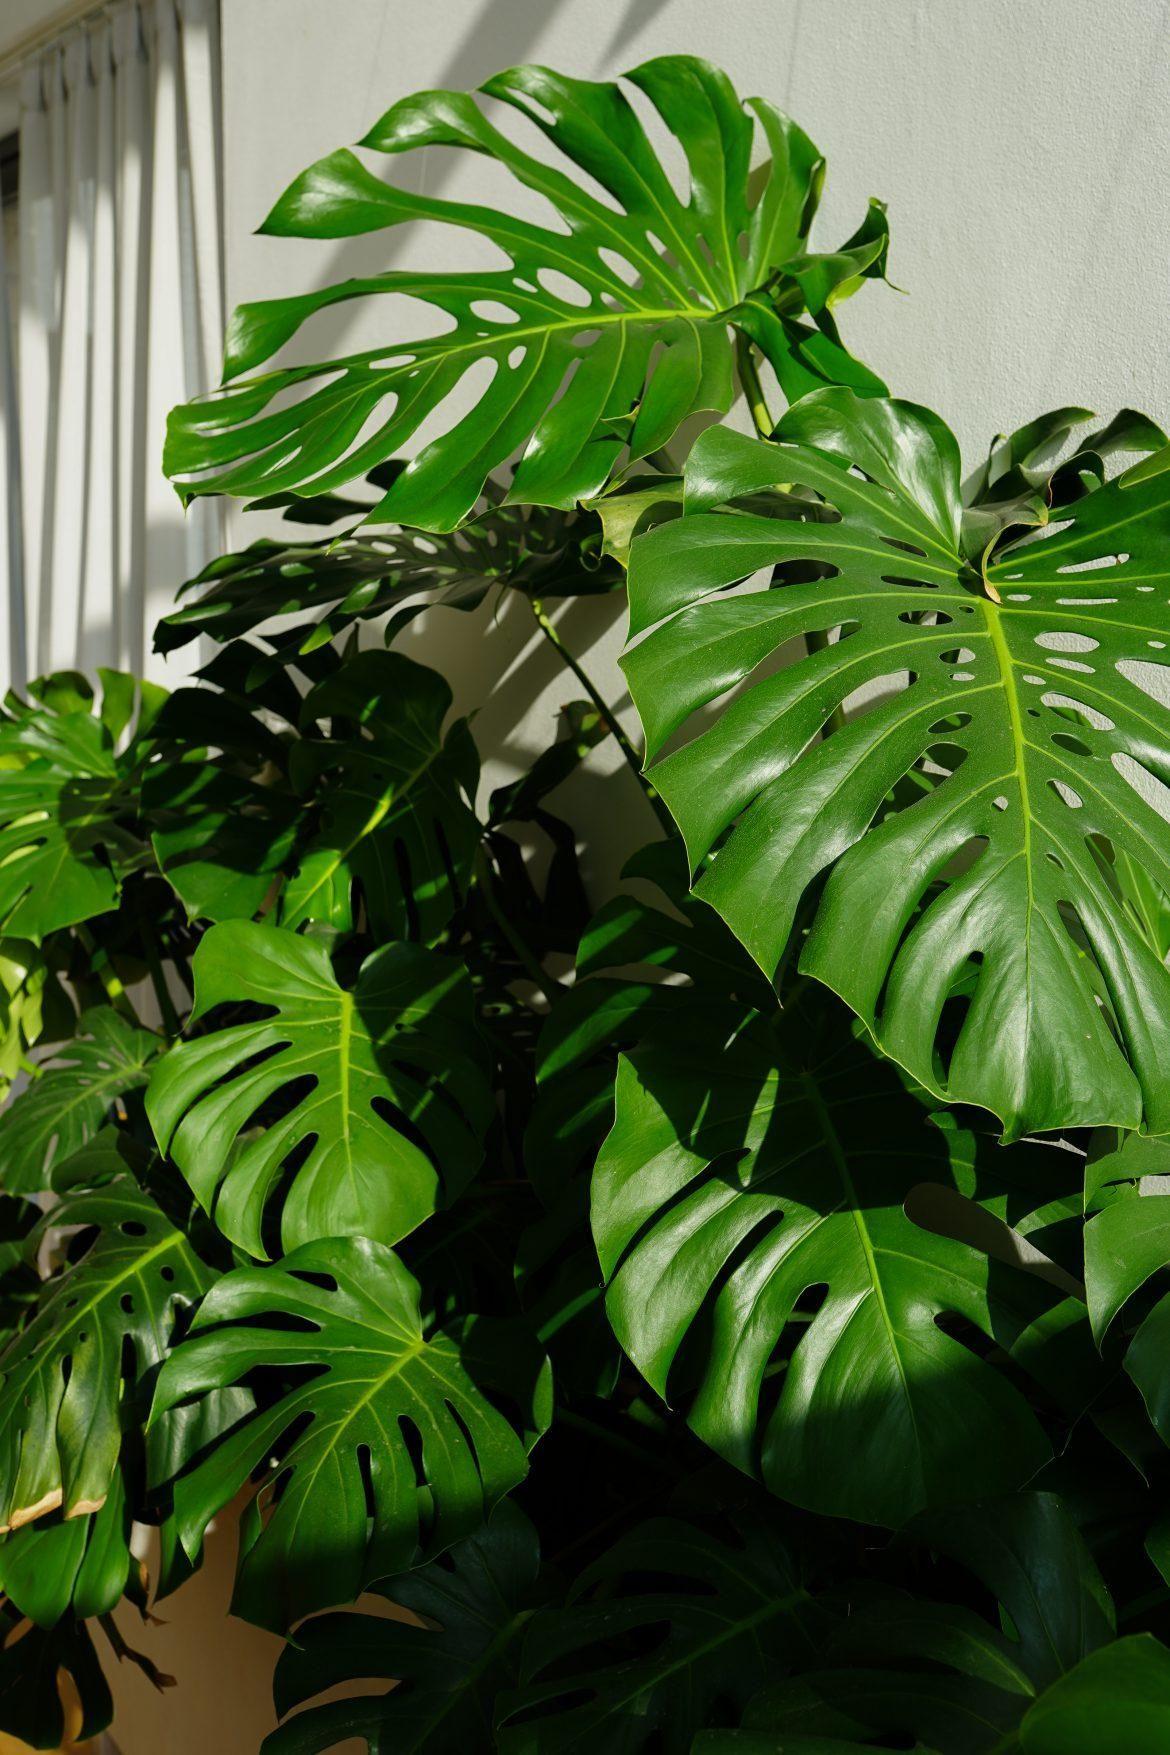 Monstera Dziurawa Czyli Kwiaty Doniczkowe W Moim Domu Cz 3 Basia Szmydt Blog Plant Leaves House Plants House Plants Decor